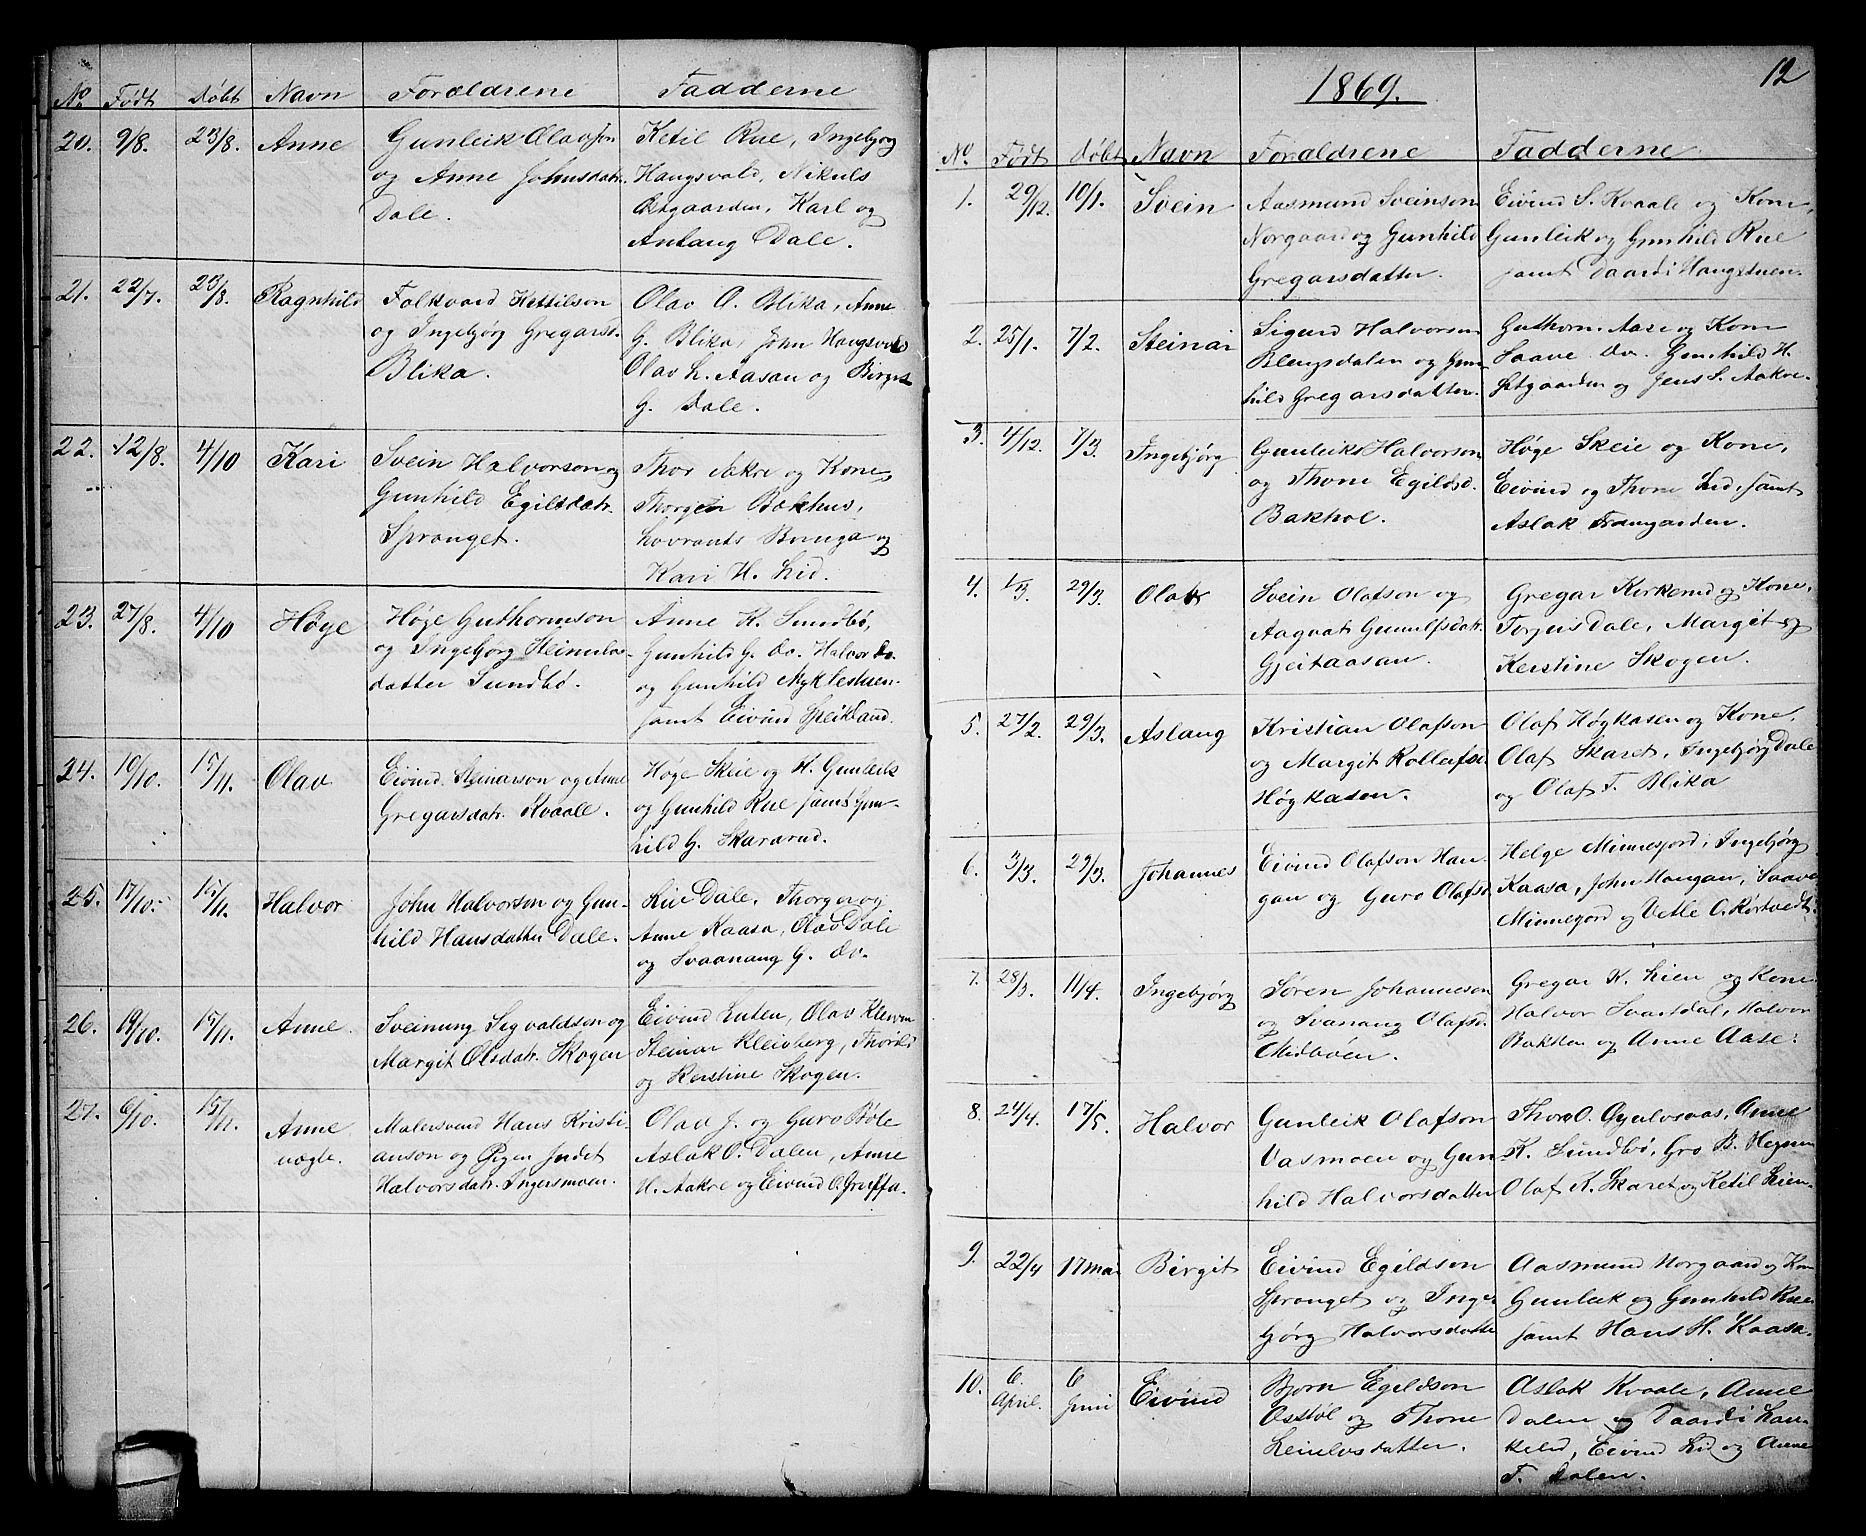 SAKO, Seljord kirkebøker, G/Gb/L0003: Klokkerbok nr. II 3, 1863-1884, s. 12